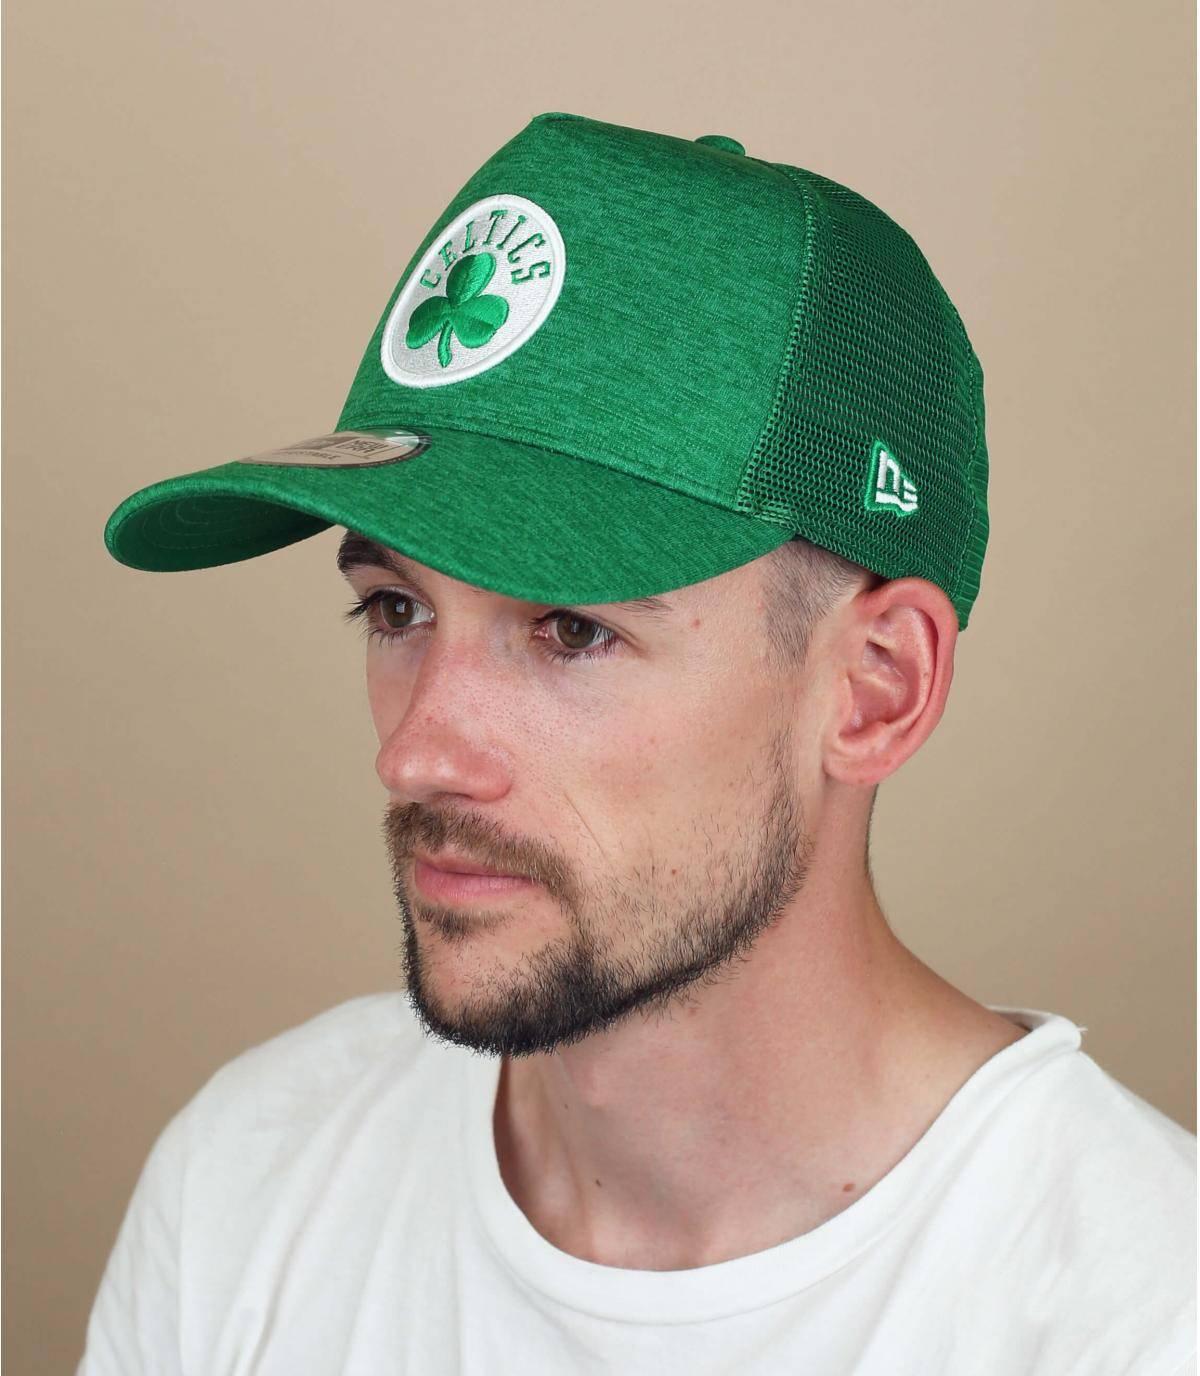 green Celtics trucker